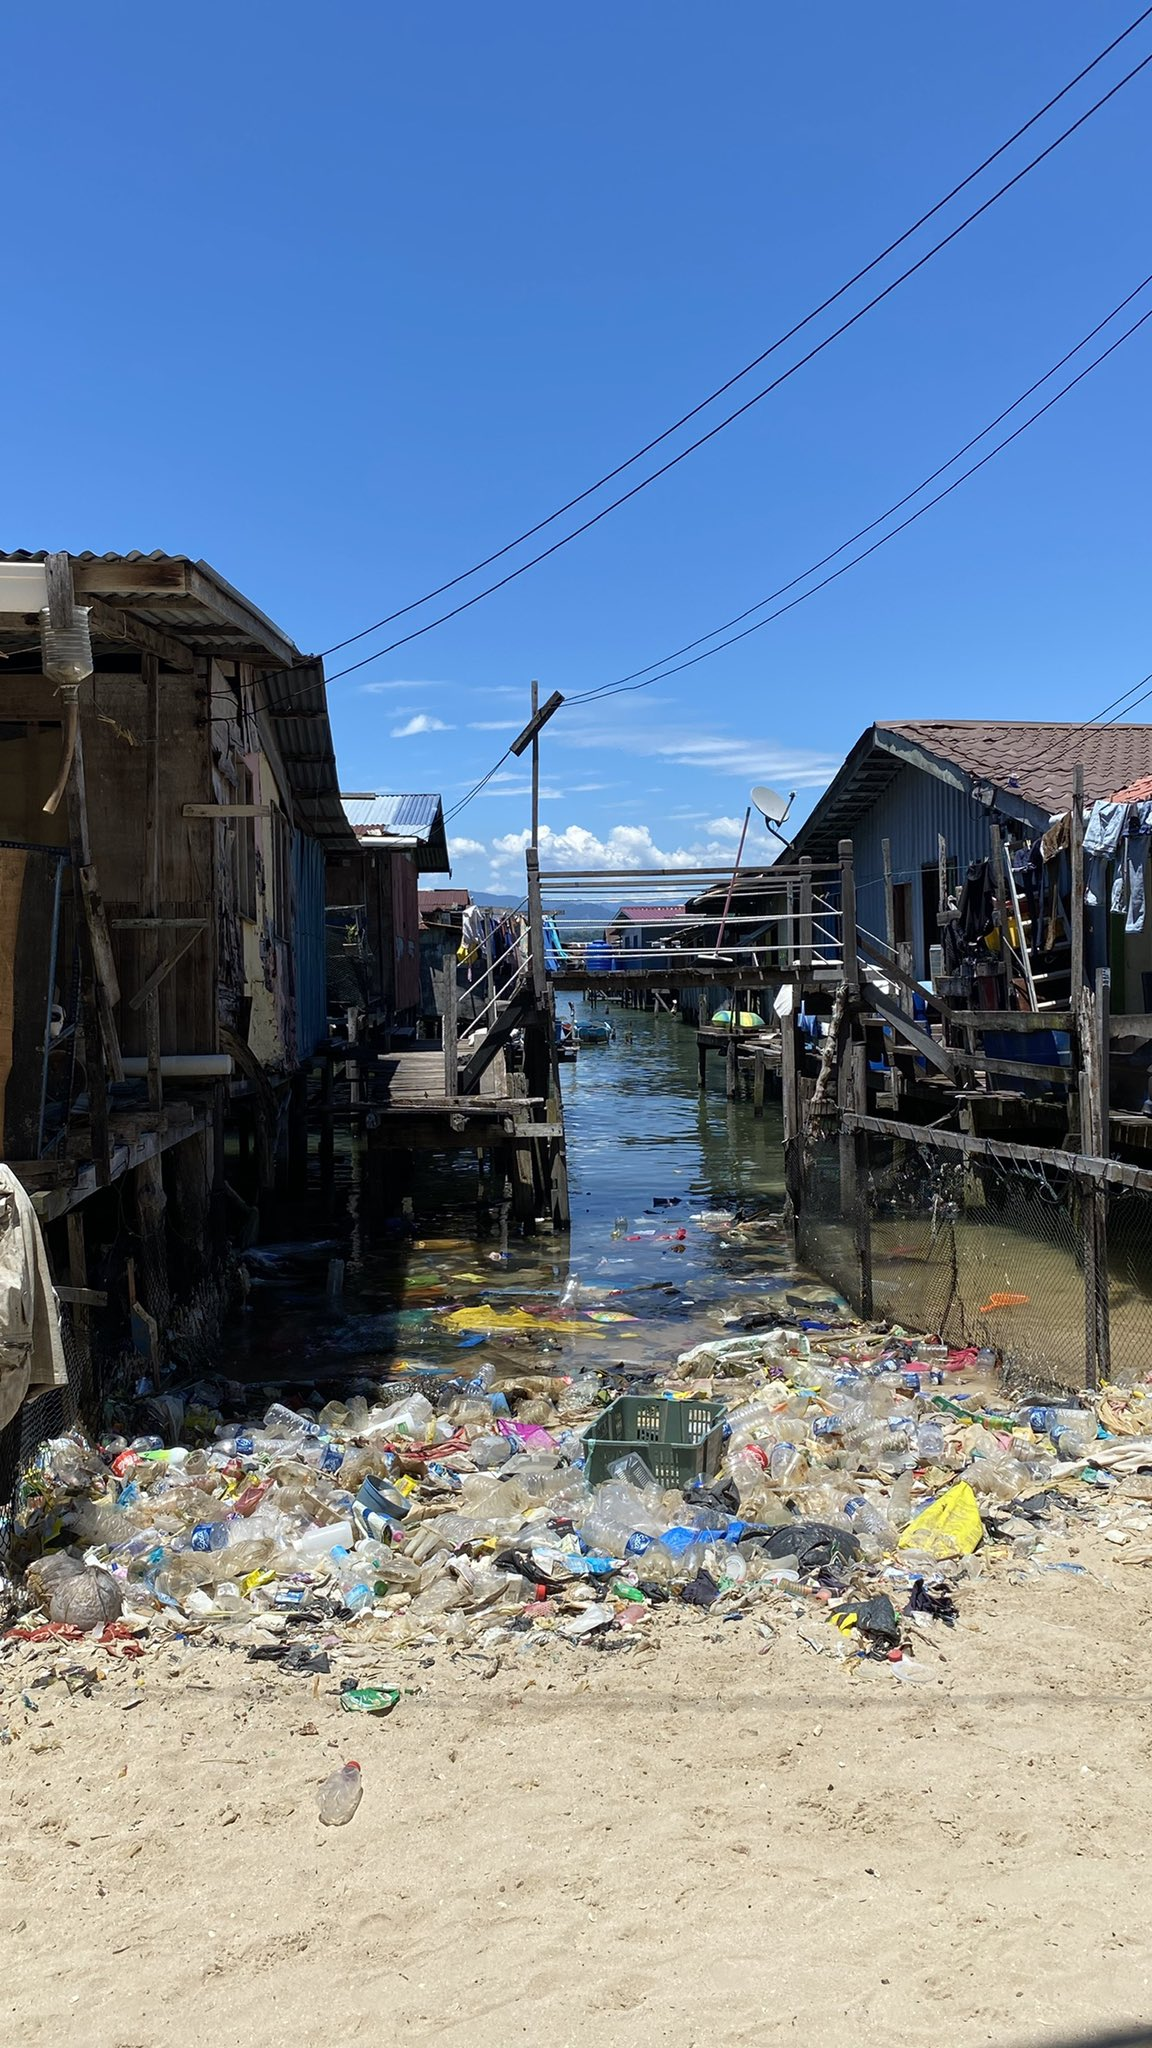 Menghampiri PRN, Gambar Perkampungan Pulau Sabah Penuh Sampah Tarik Perhatian Netizen